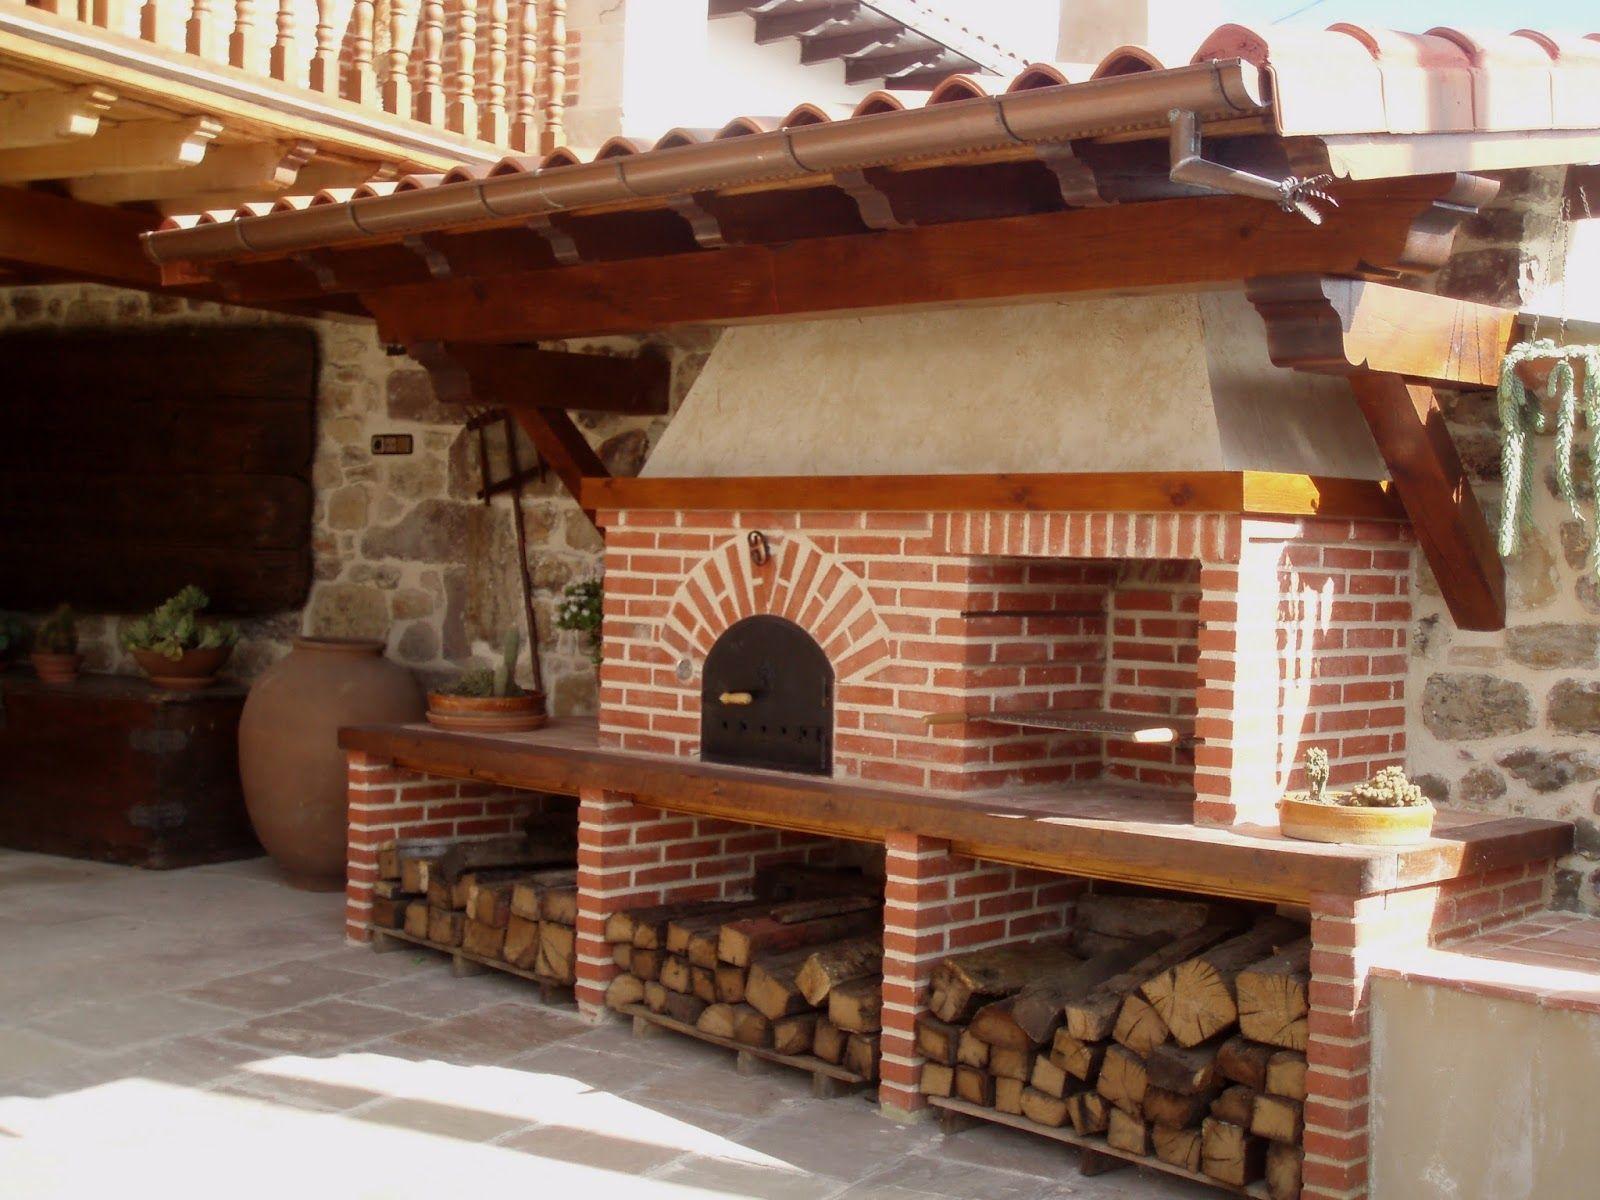 Pin de liliana pi ero en asadores pinterest asador - Barbacoas y hornos ...